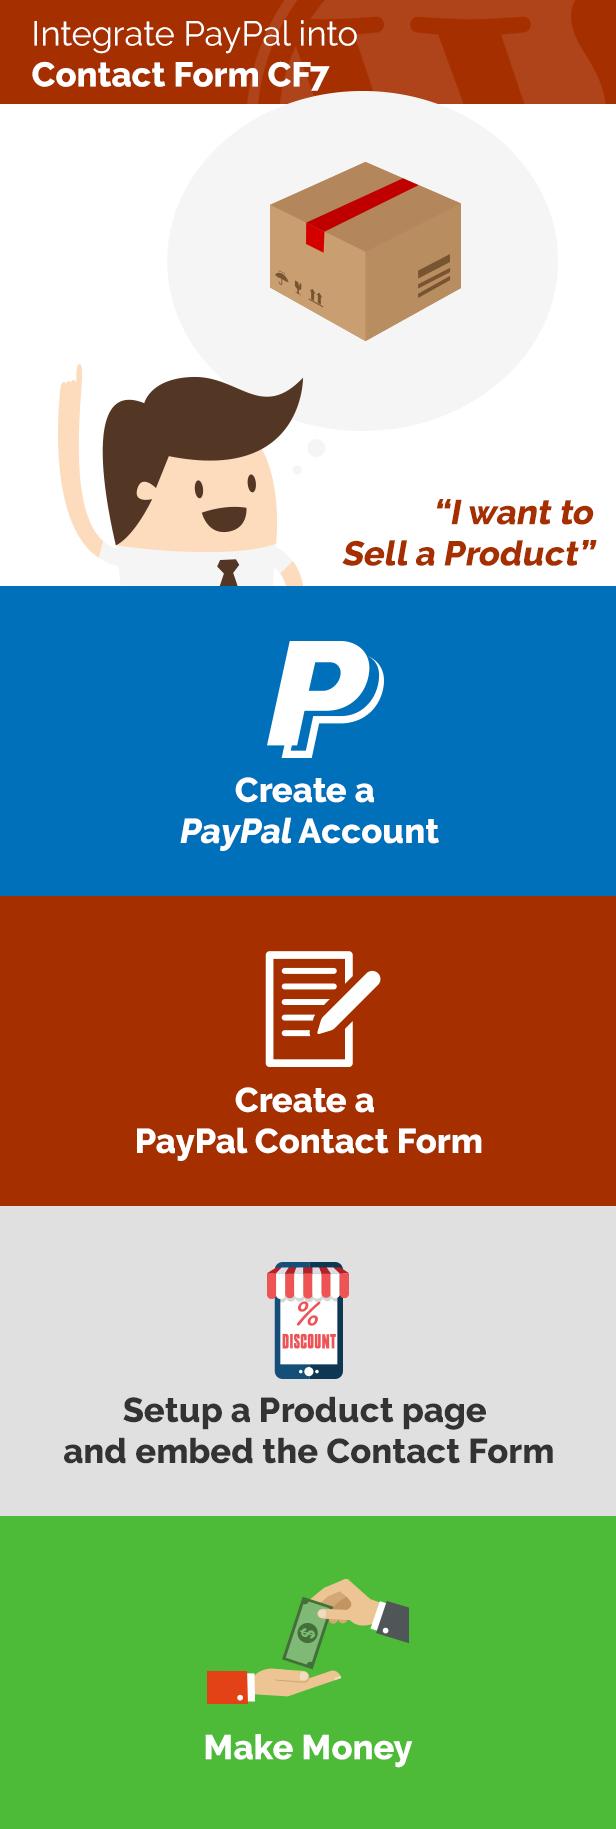 Erstellen Sie ein PayPal-Konto, richten Sie ein Kontaktformular ein, betten Sie es in eine Seite ein und verdienen Sie Geld.